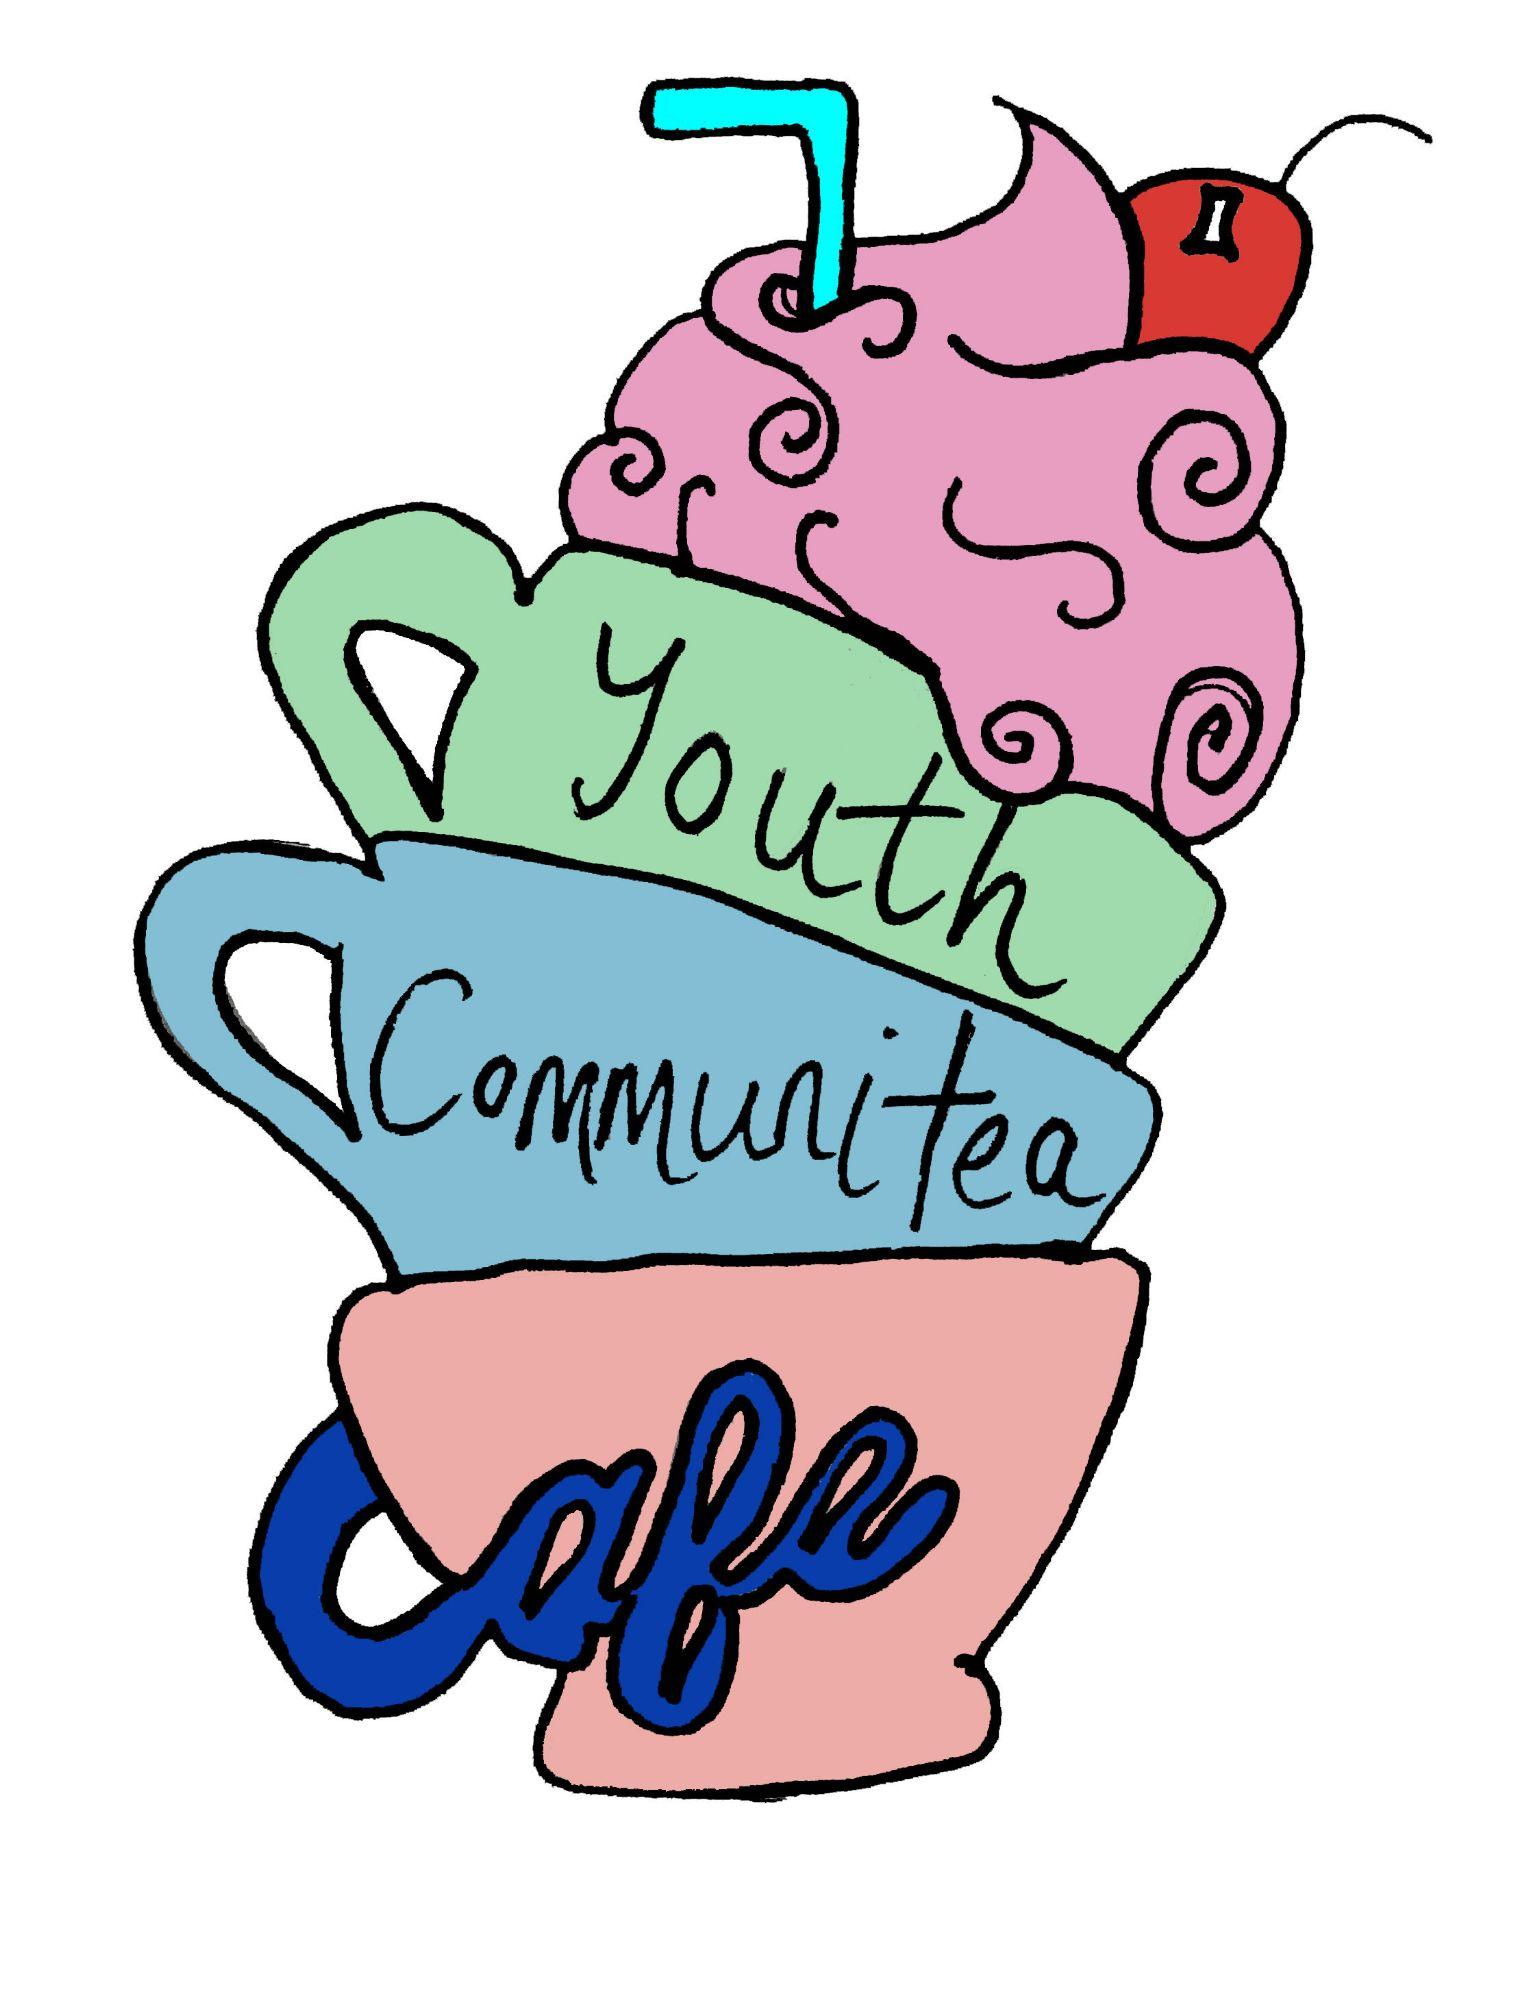 YouthCafe Logo